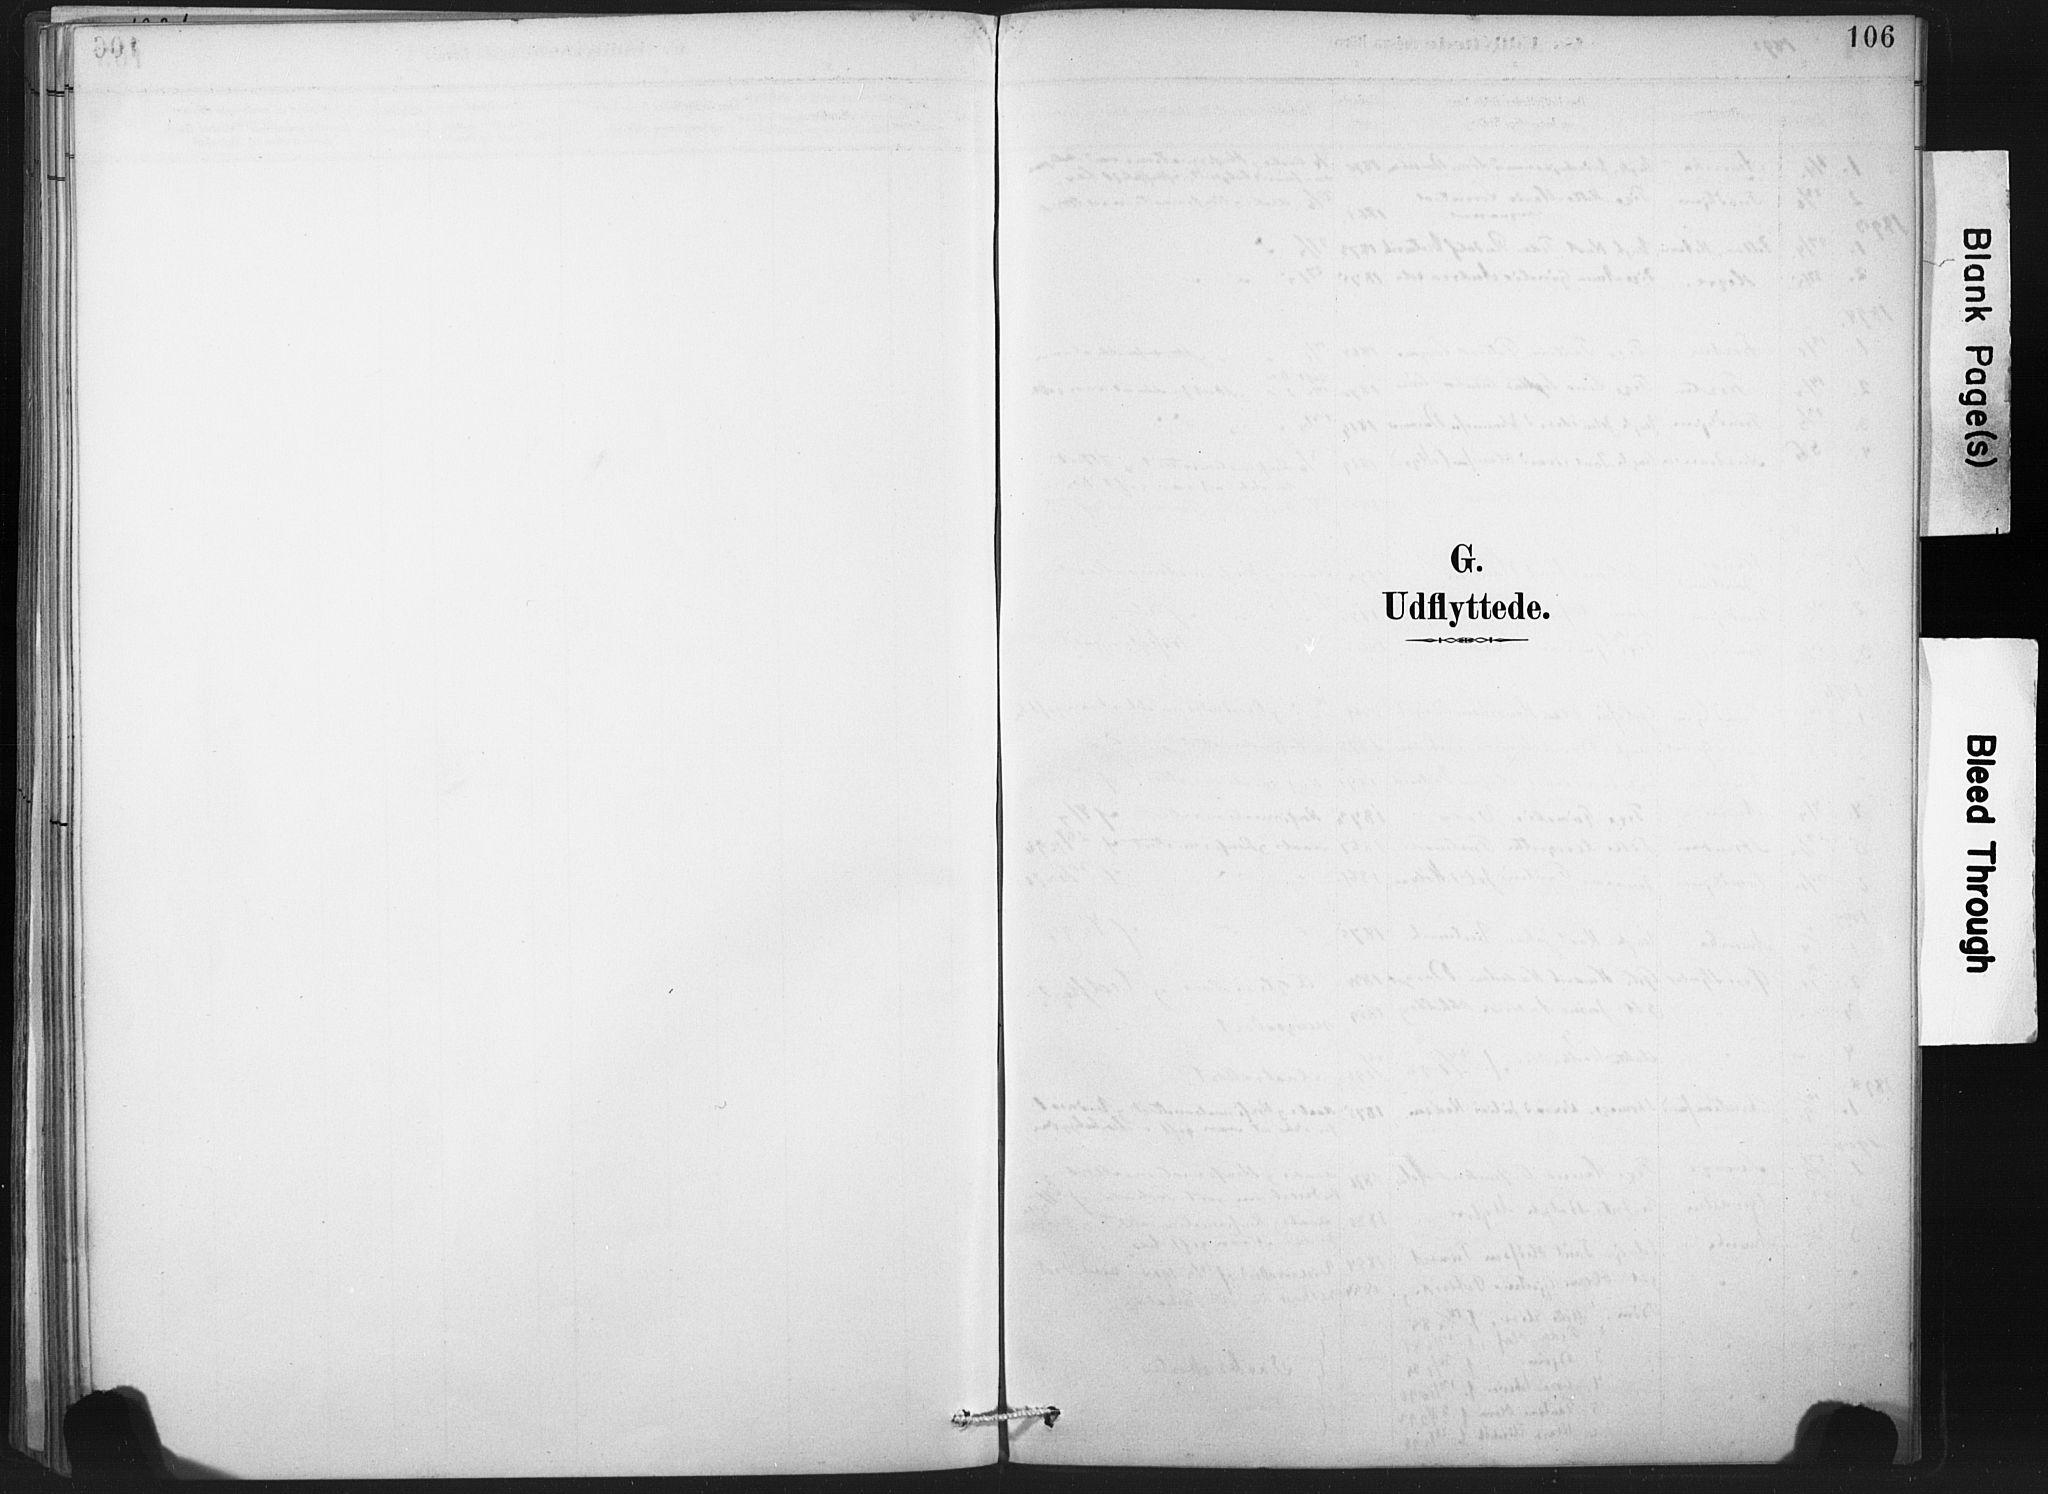 SAT, Ministerialprotokoller, klokkerbøker og fødselsregistre - Nord-Trøndelag, 718/L0175: Ministerialbok nr. 718A01, 1890-1923, s. 106